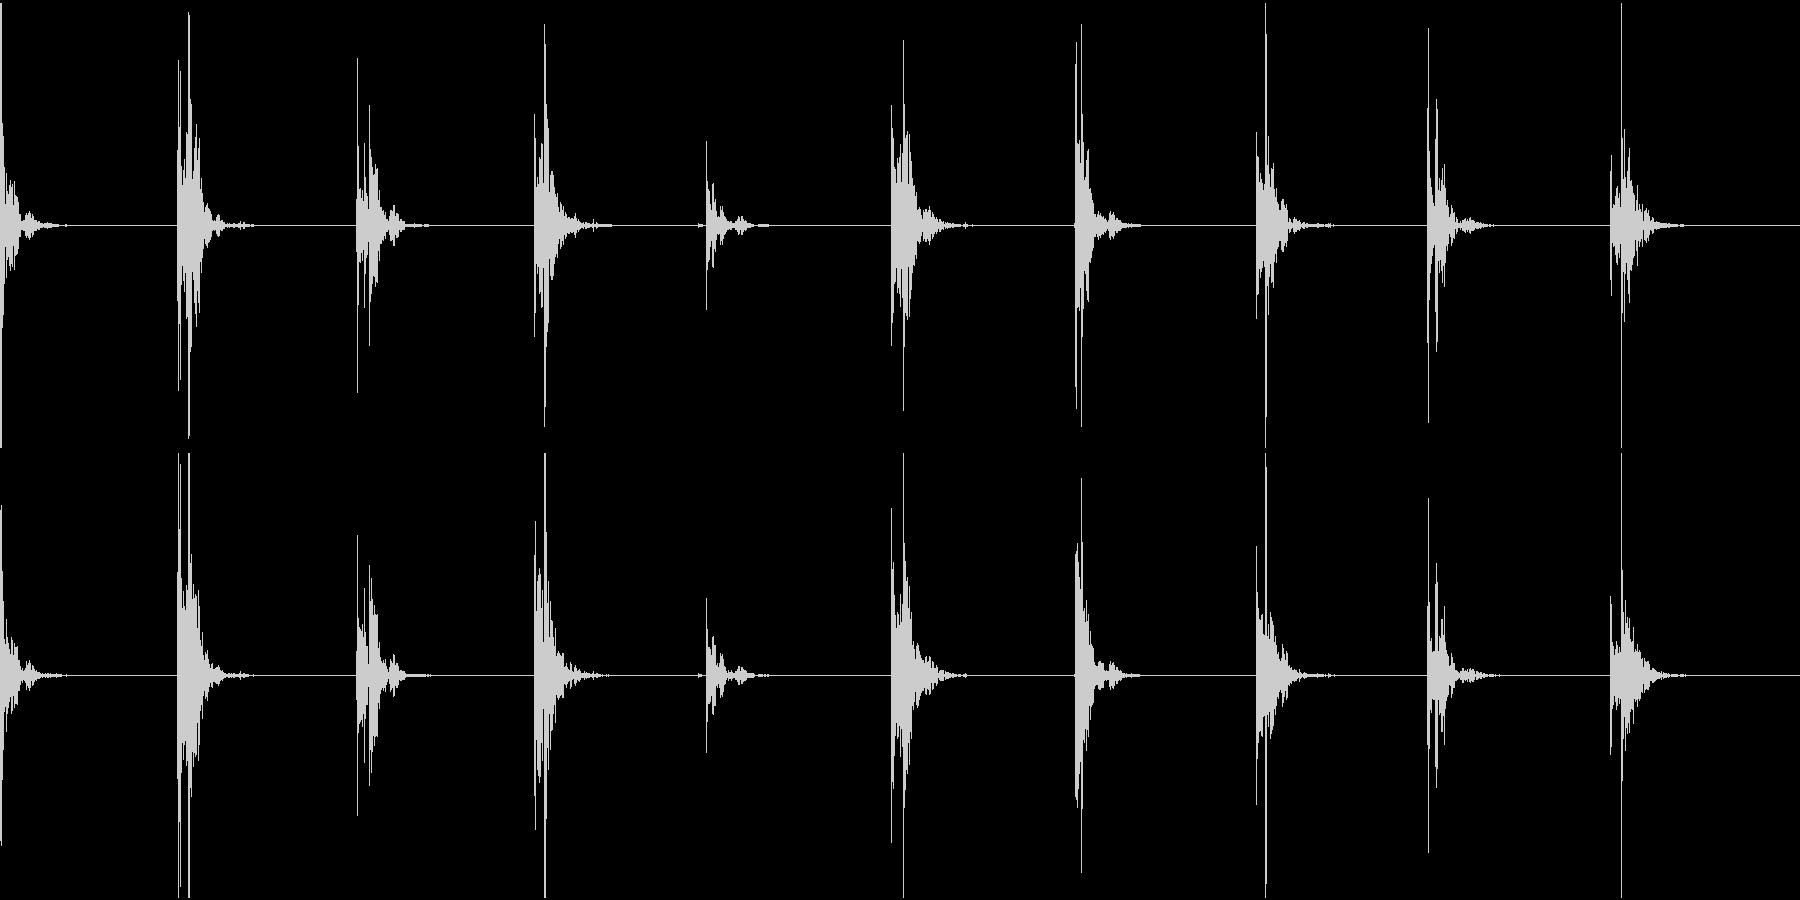 【生録音】足音1 スリッパorスニーカーの未再生の波形